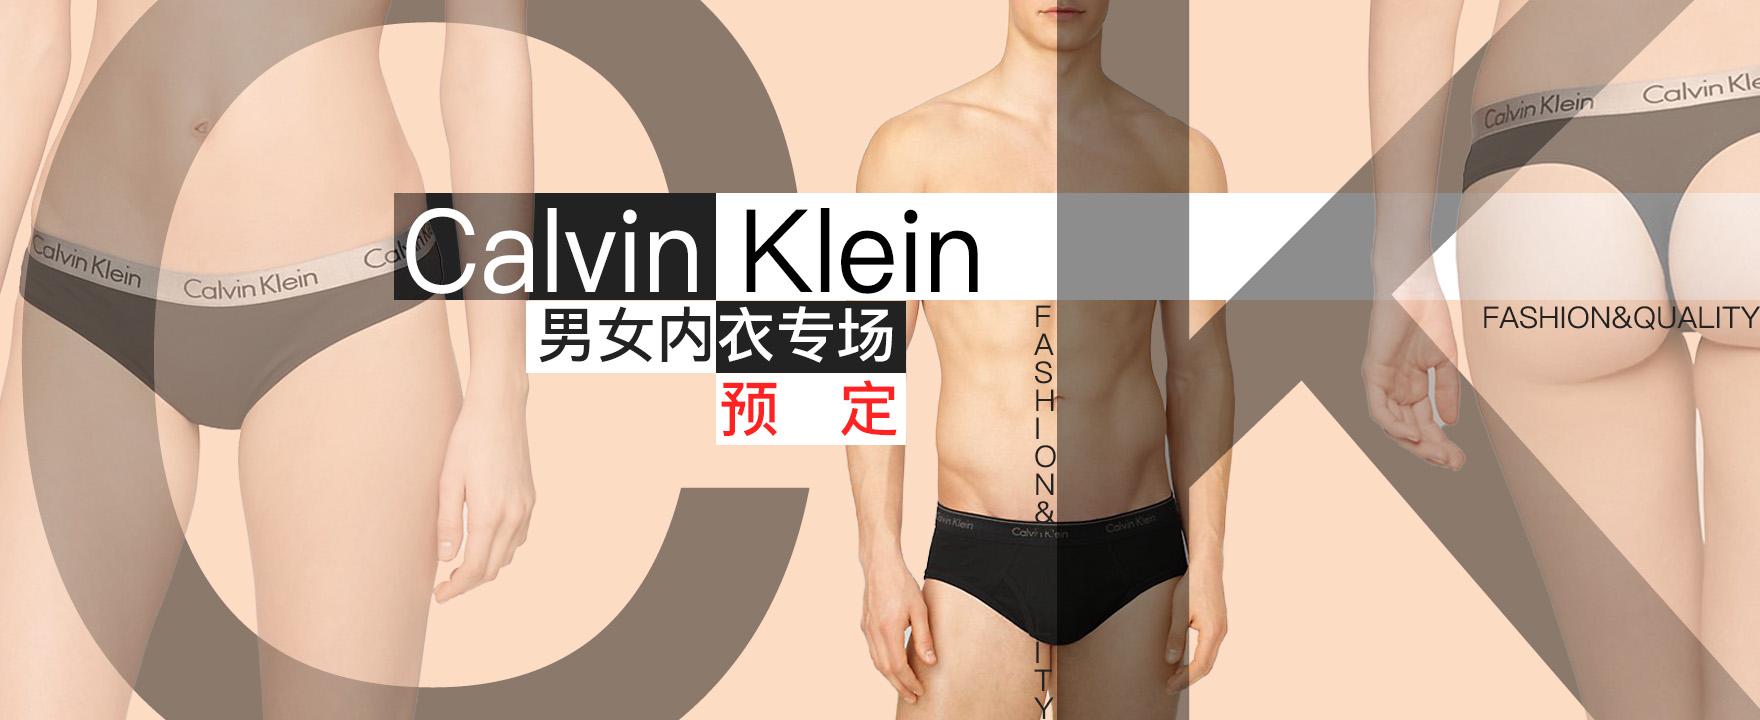 大码加急:CK内衣预定